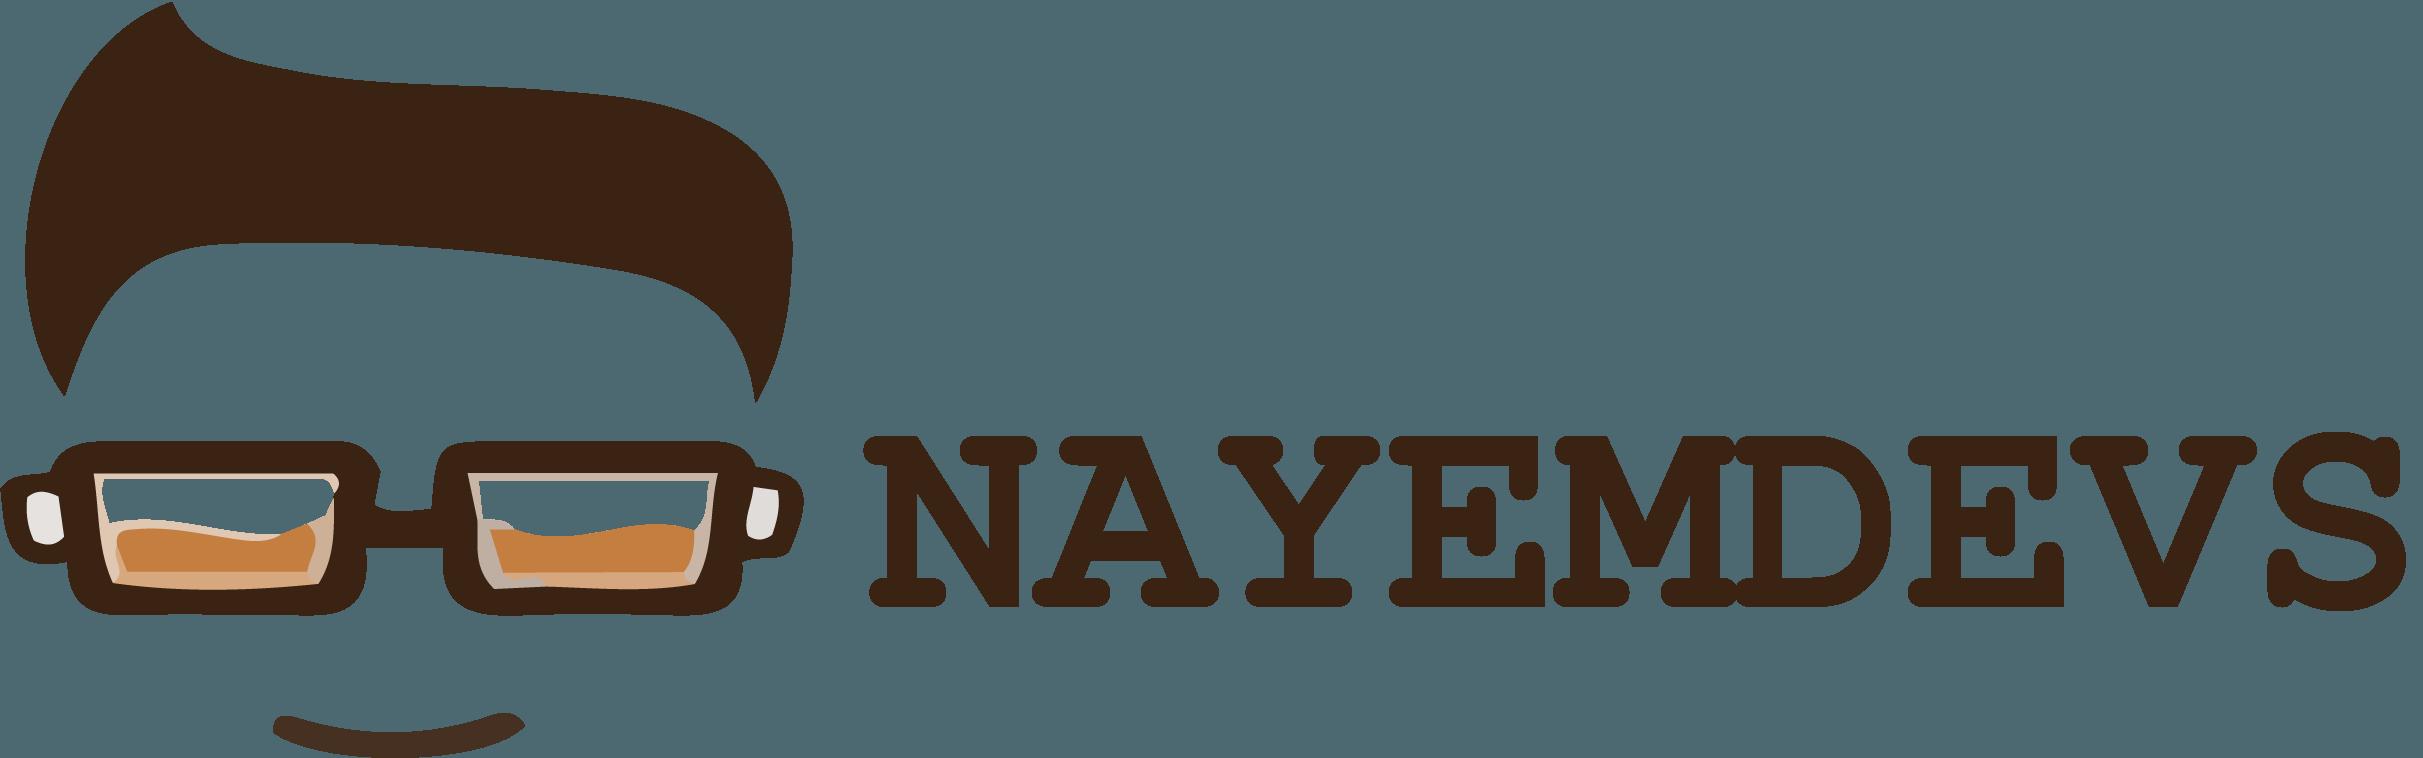 Nayem-Devs